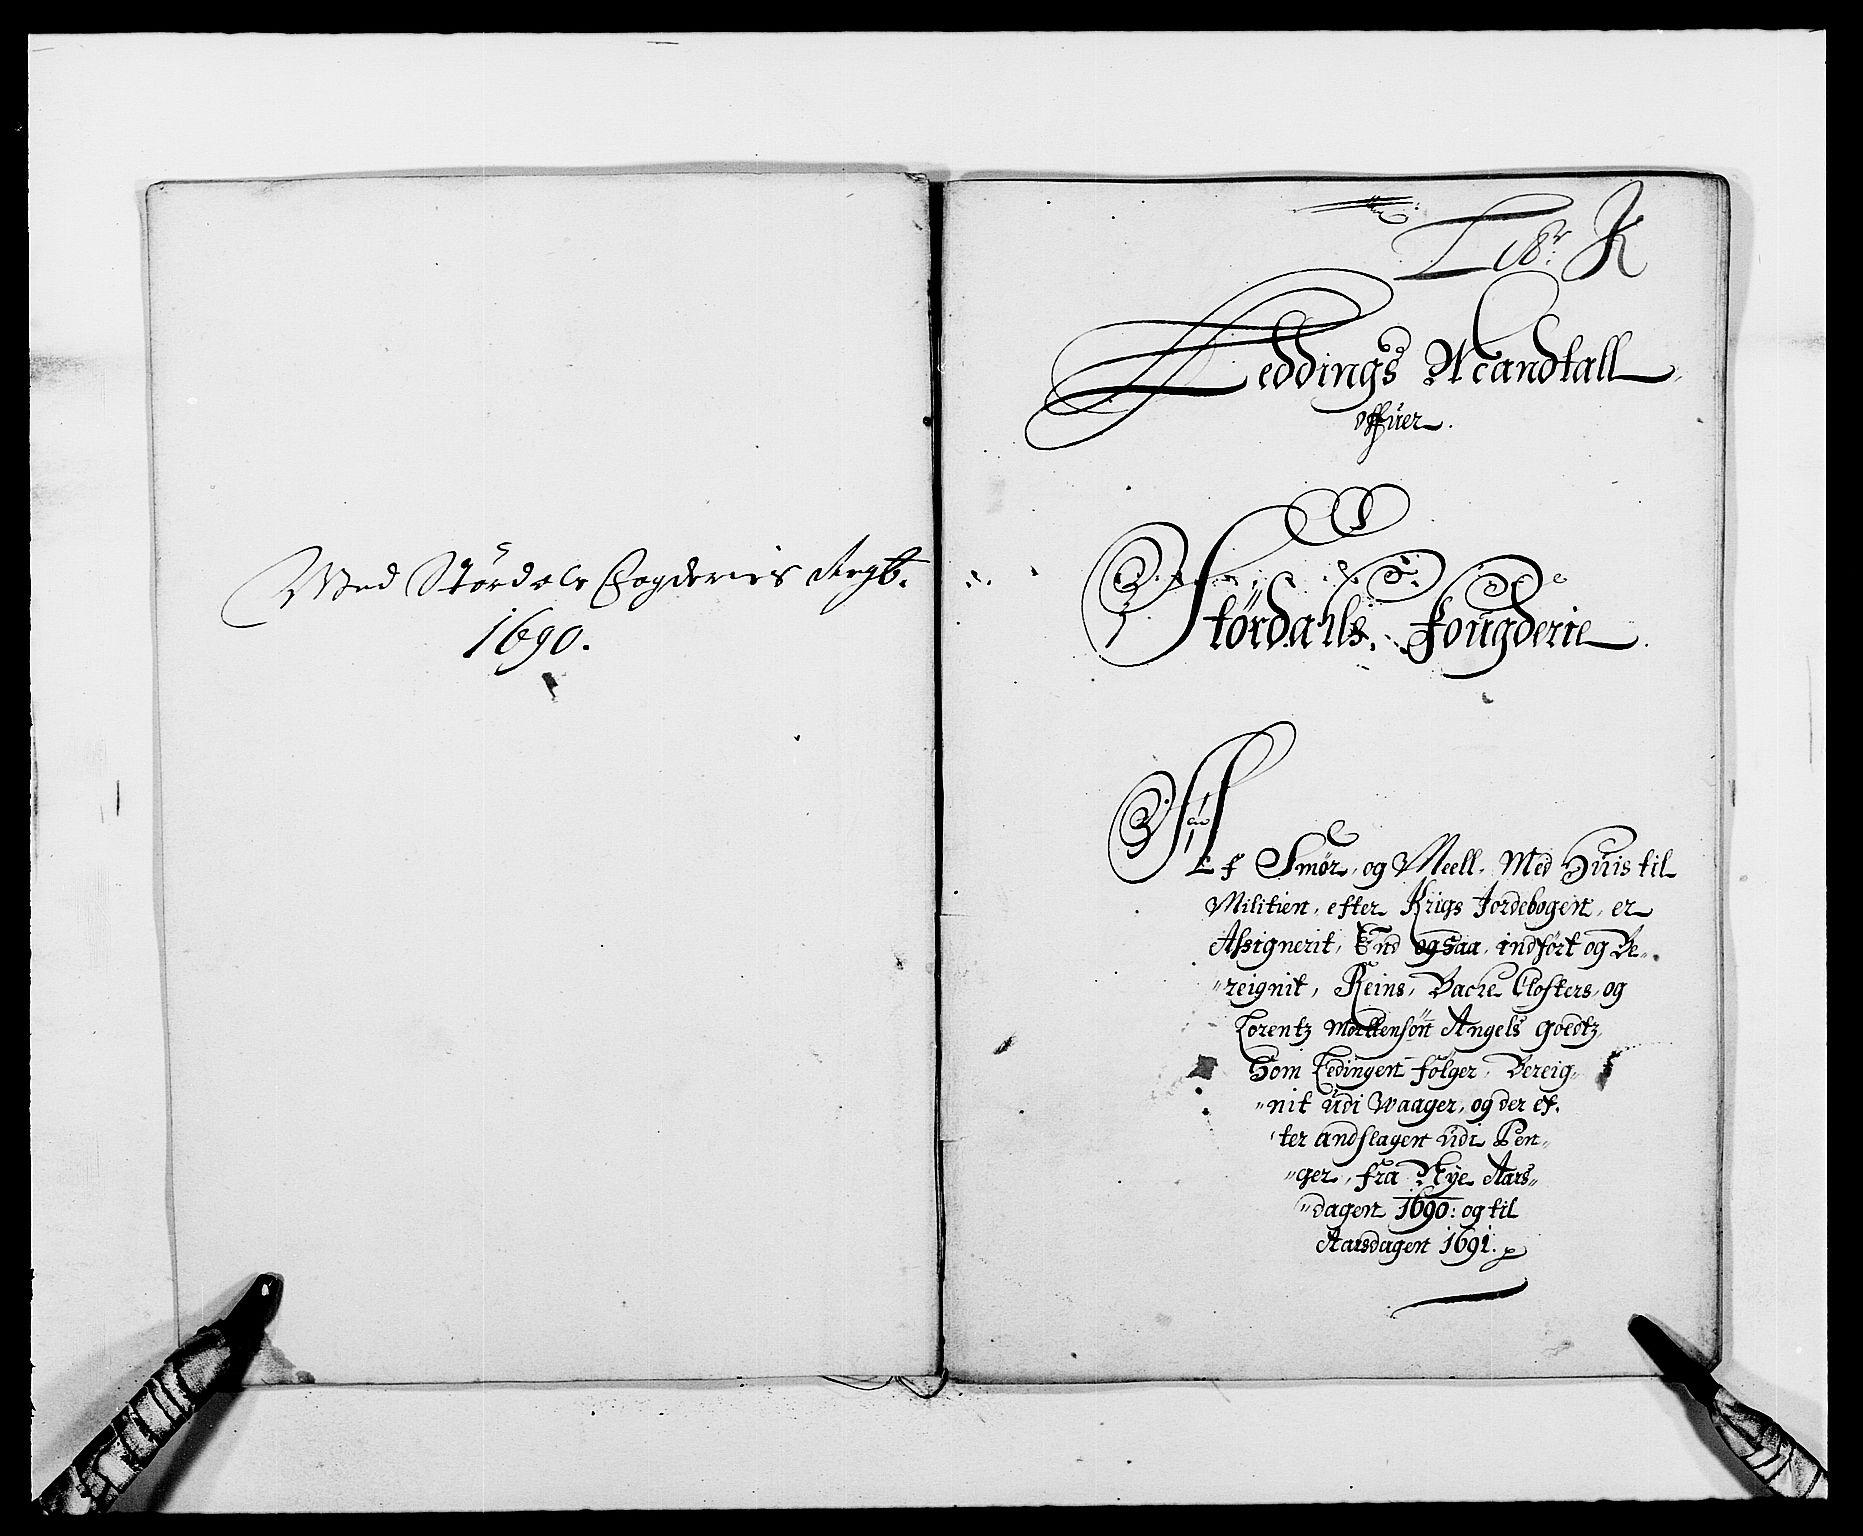 RA, Rentekammeret inntil 1814, Reviderte regnskaper, Fogderegnskap, R62/L4184: Fogderegnskap Stjørdal og Verdal, 1690-1691, s. 148